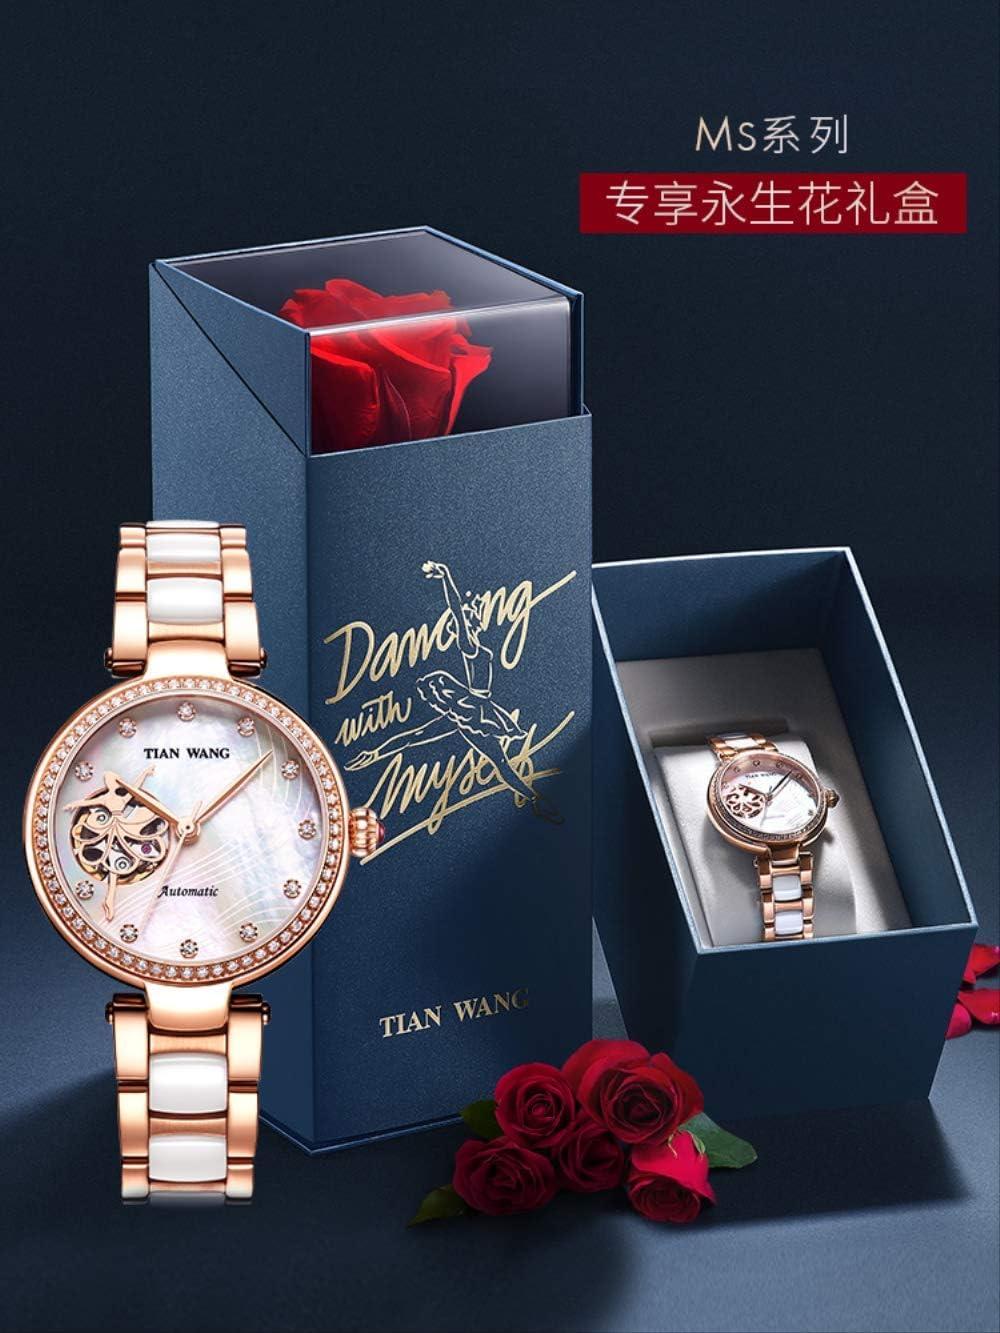 WDXDP Relojes Moda Reloj De Cerámica Mecánico Reloj De Las Mujeres Eterna Flor Regalo Caja Regalo De Cumpleaños para La Novia: Amazon.es: Deportes y aire libre